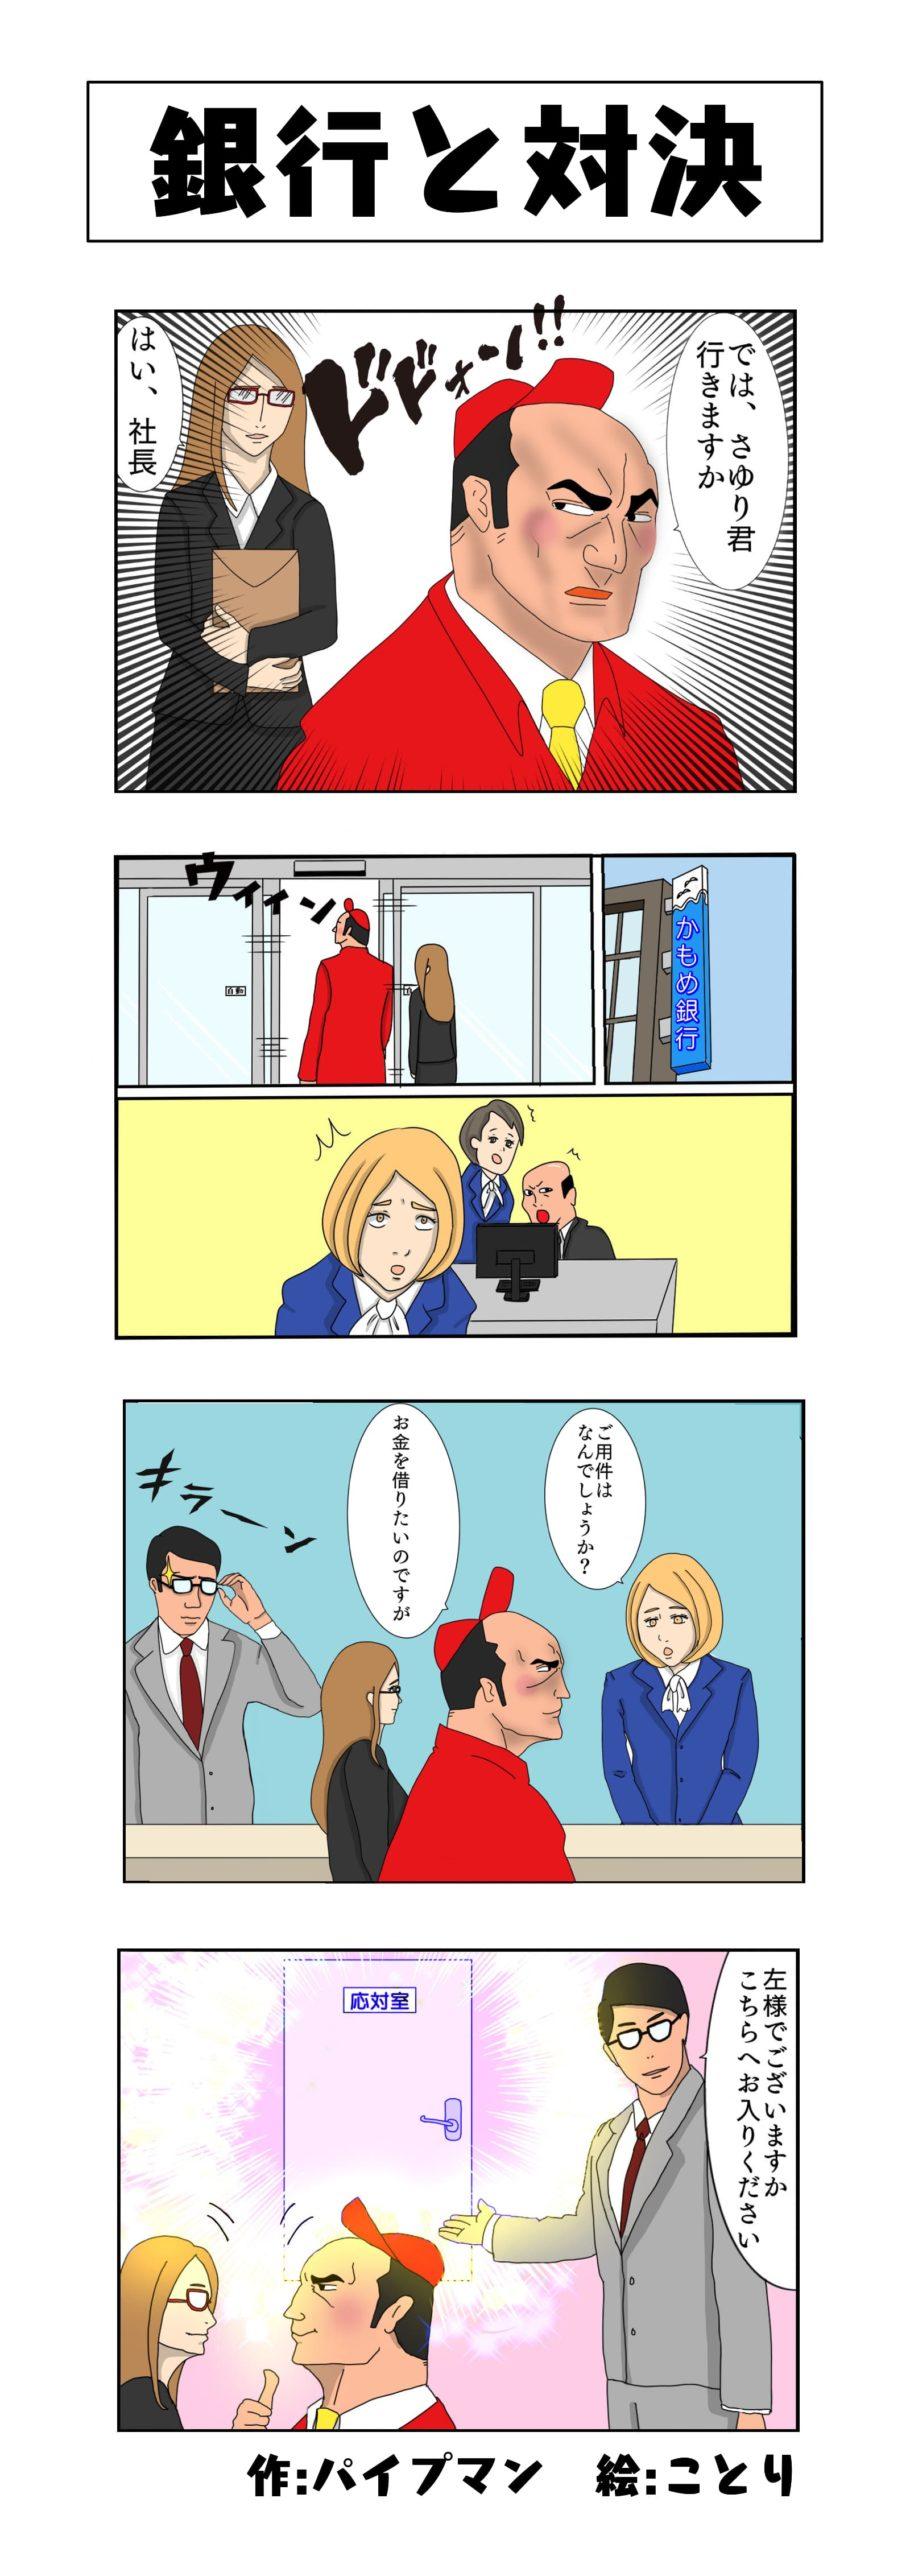 パイプマン漫画第15話